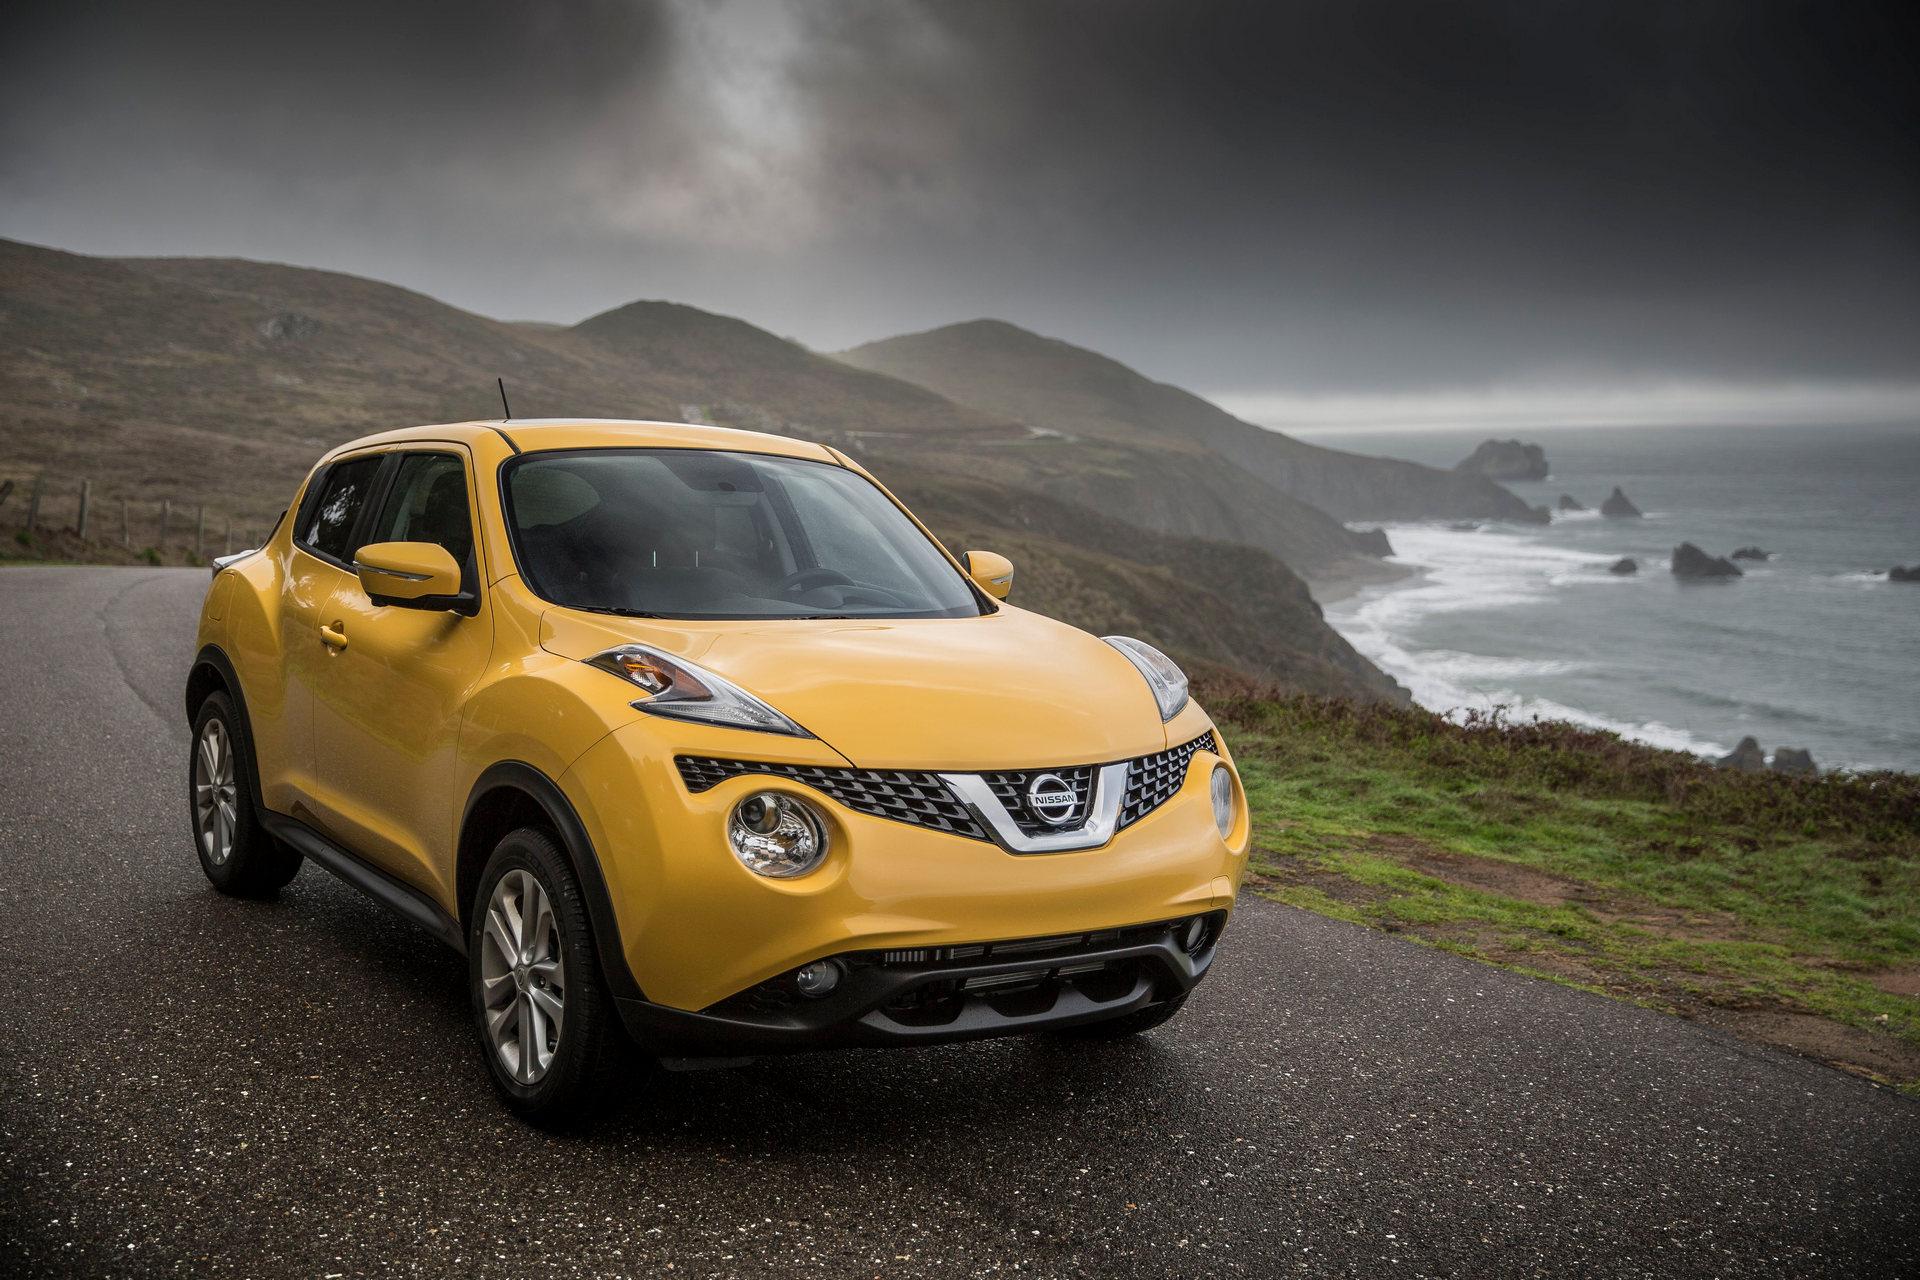 2015 Nissan Juke © Nissan Motor Co., Ltd.